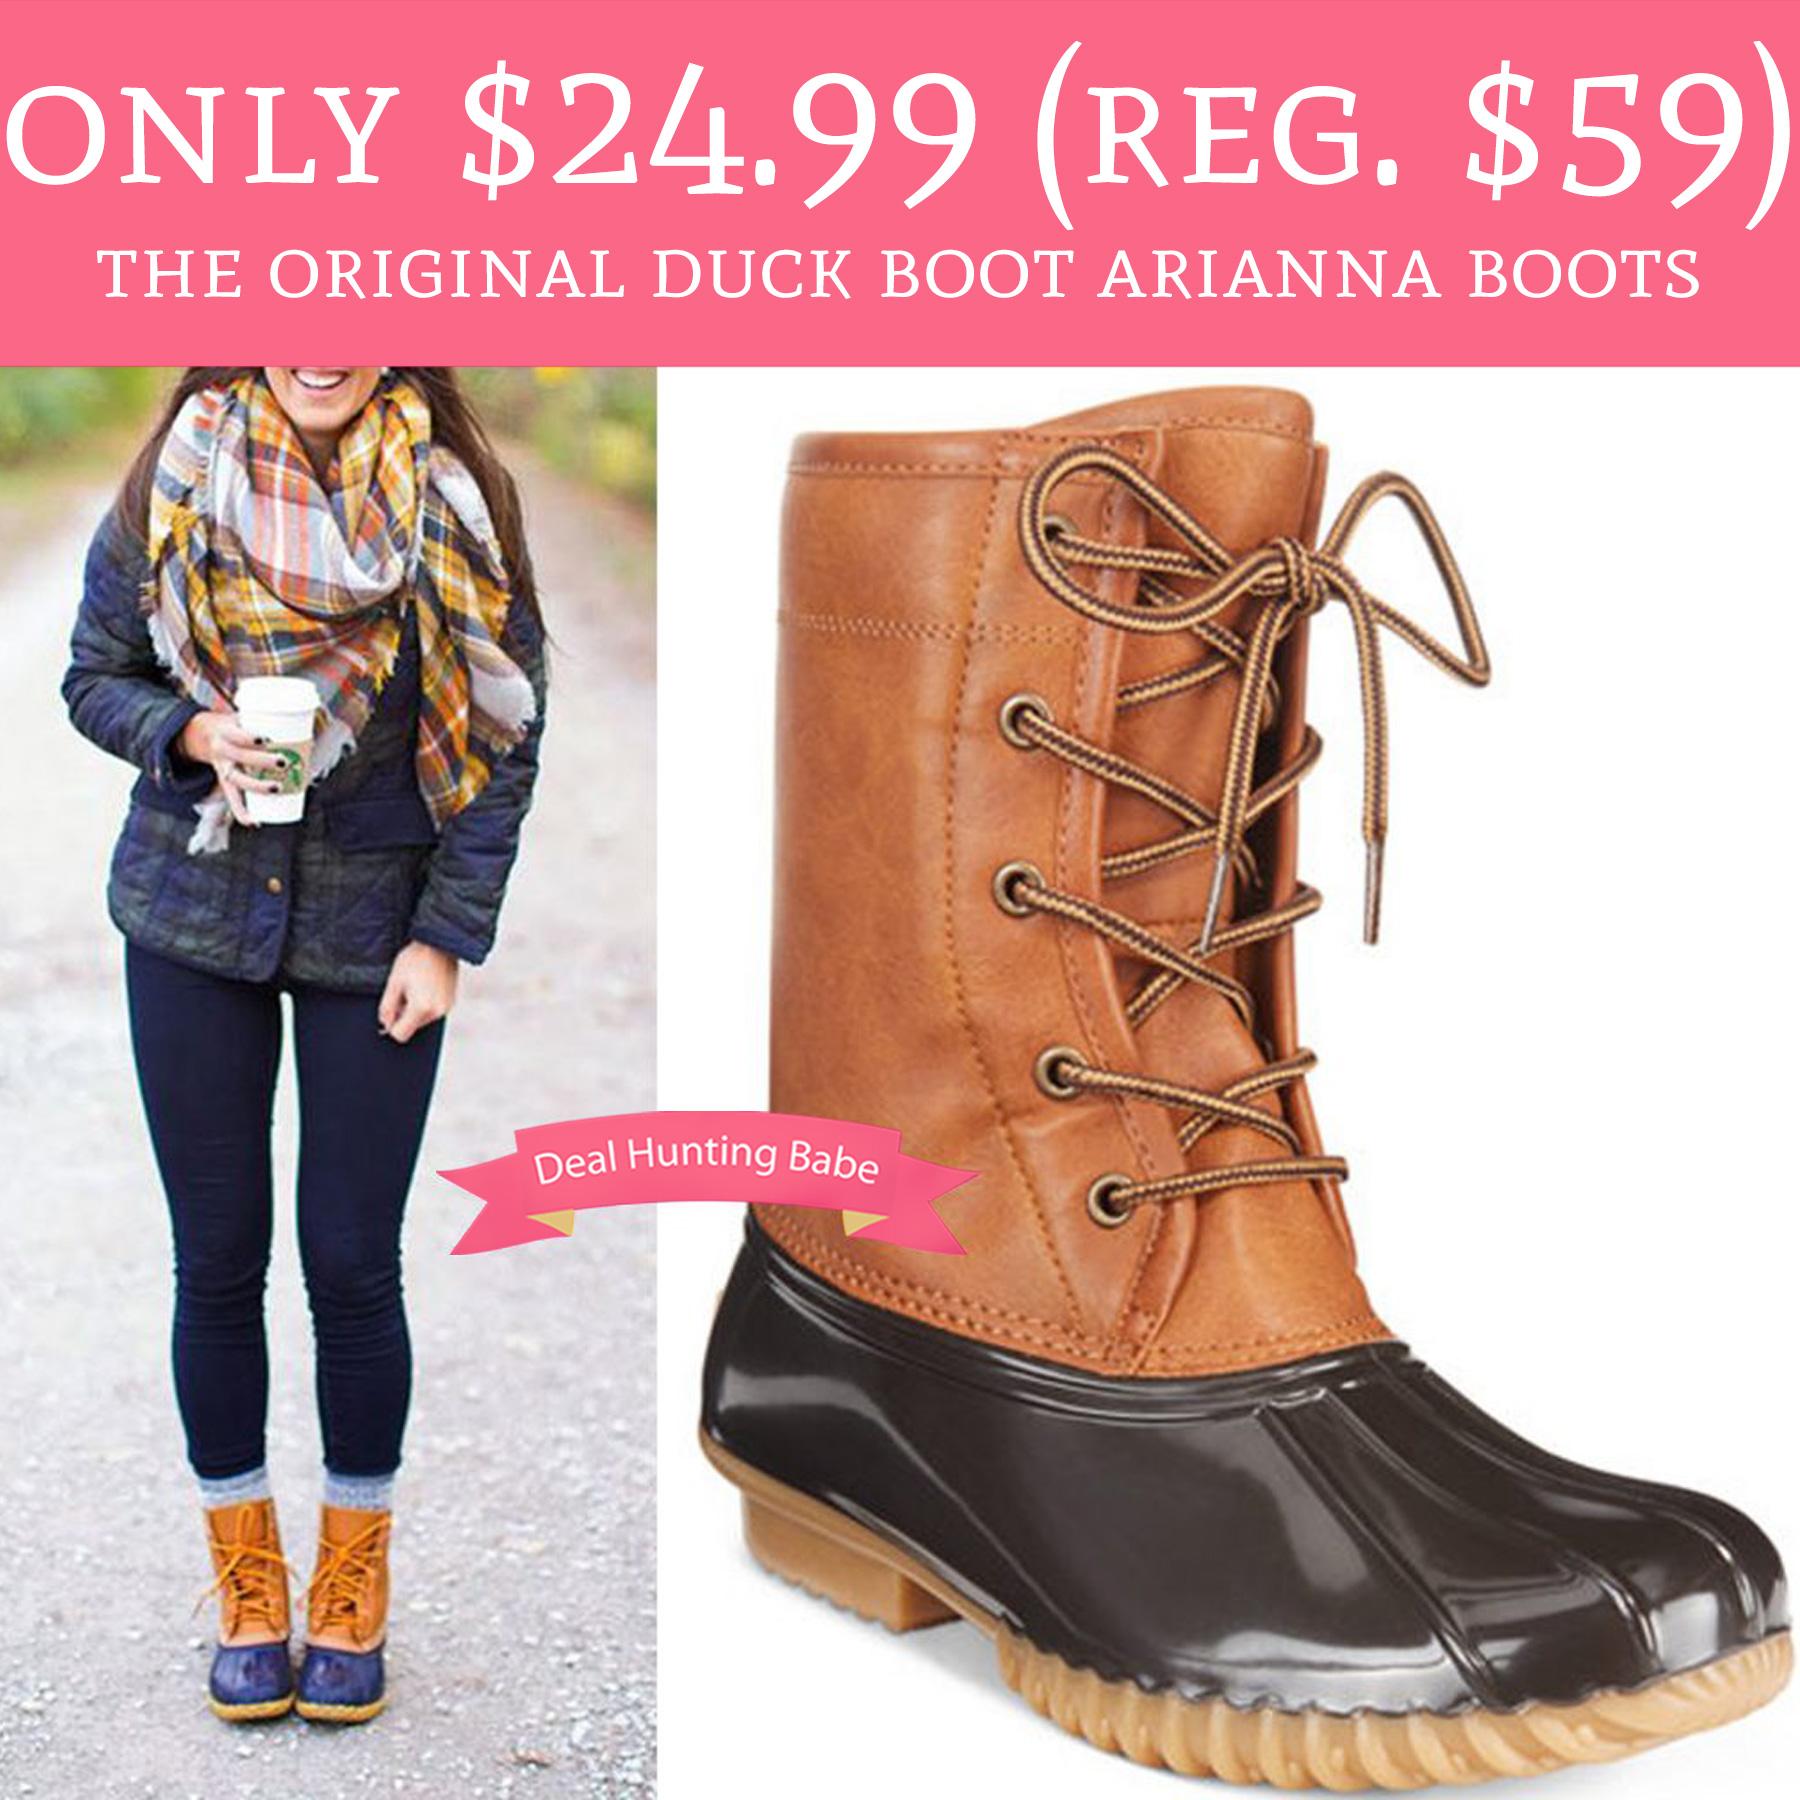 Original Duck Boot Arianna Boots